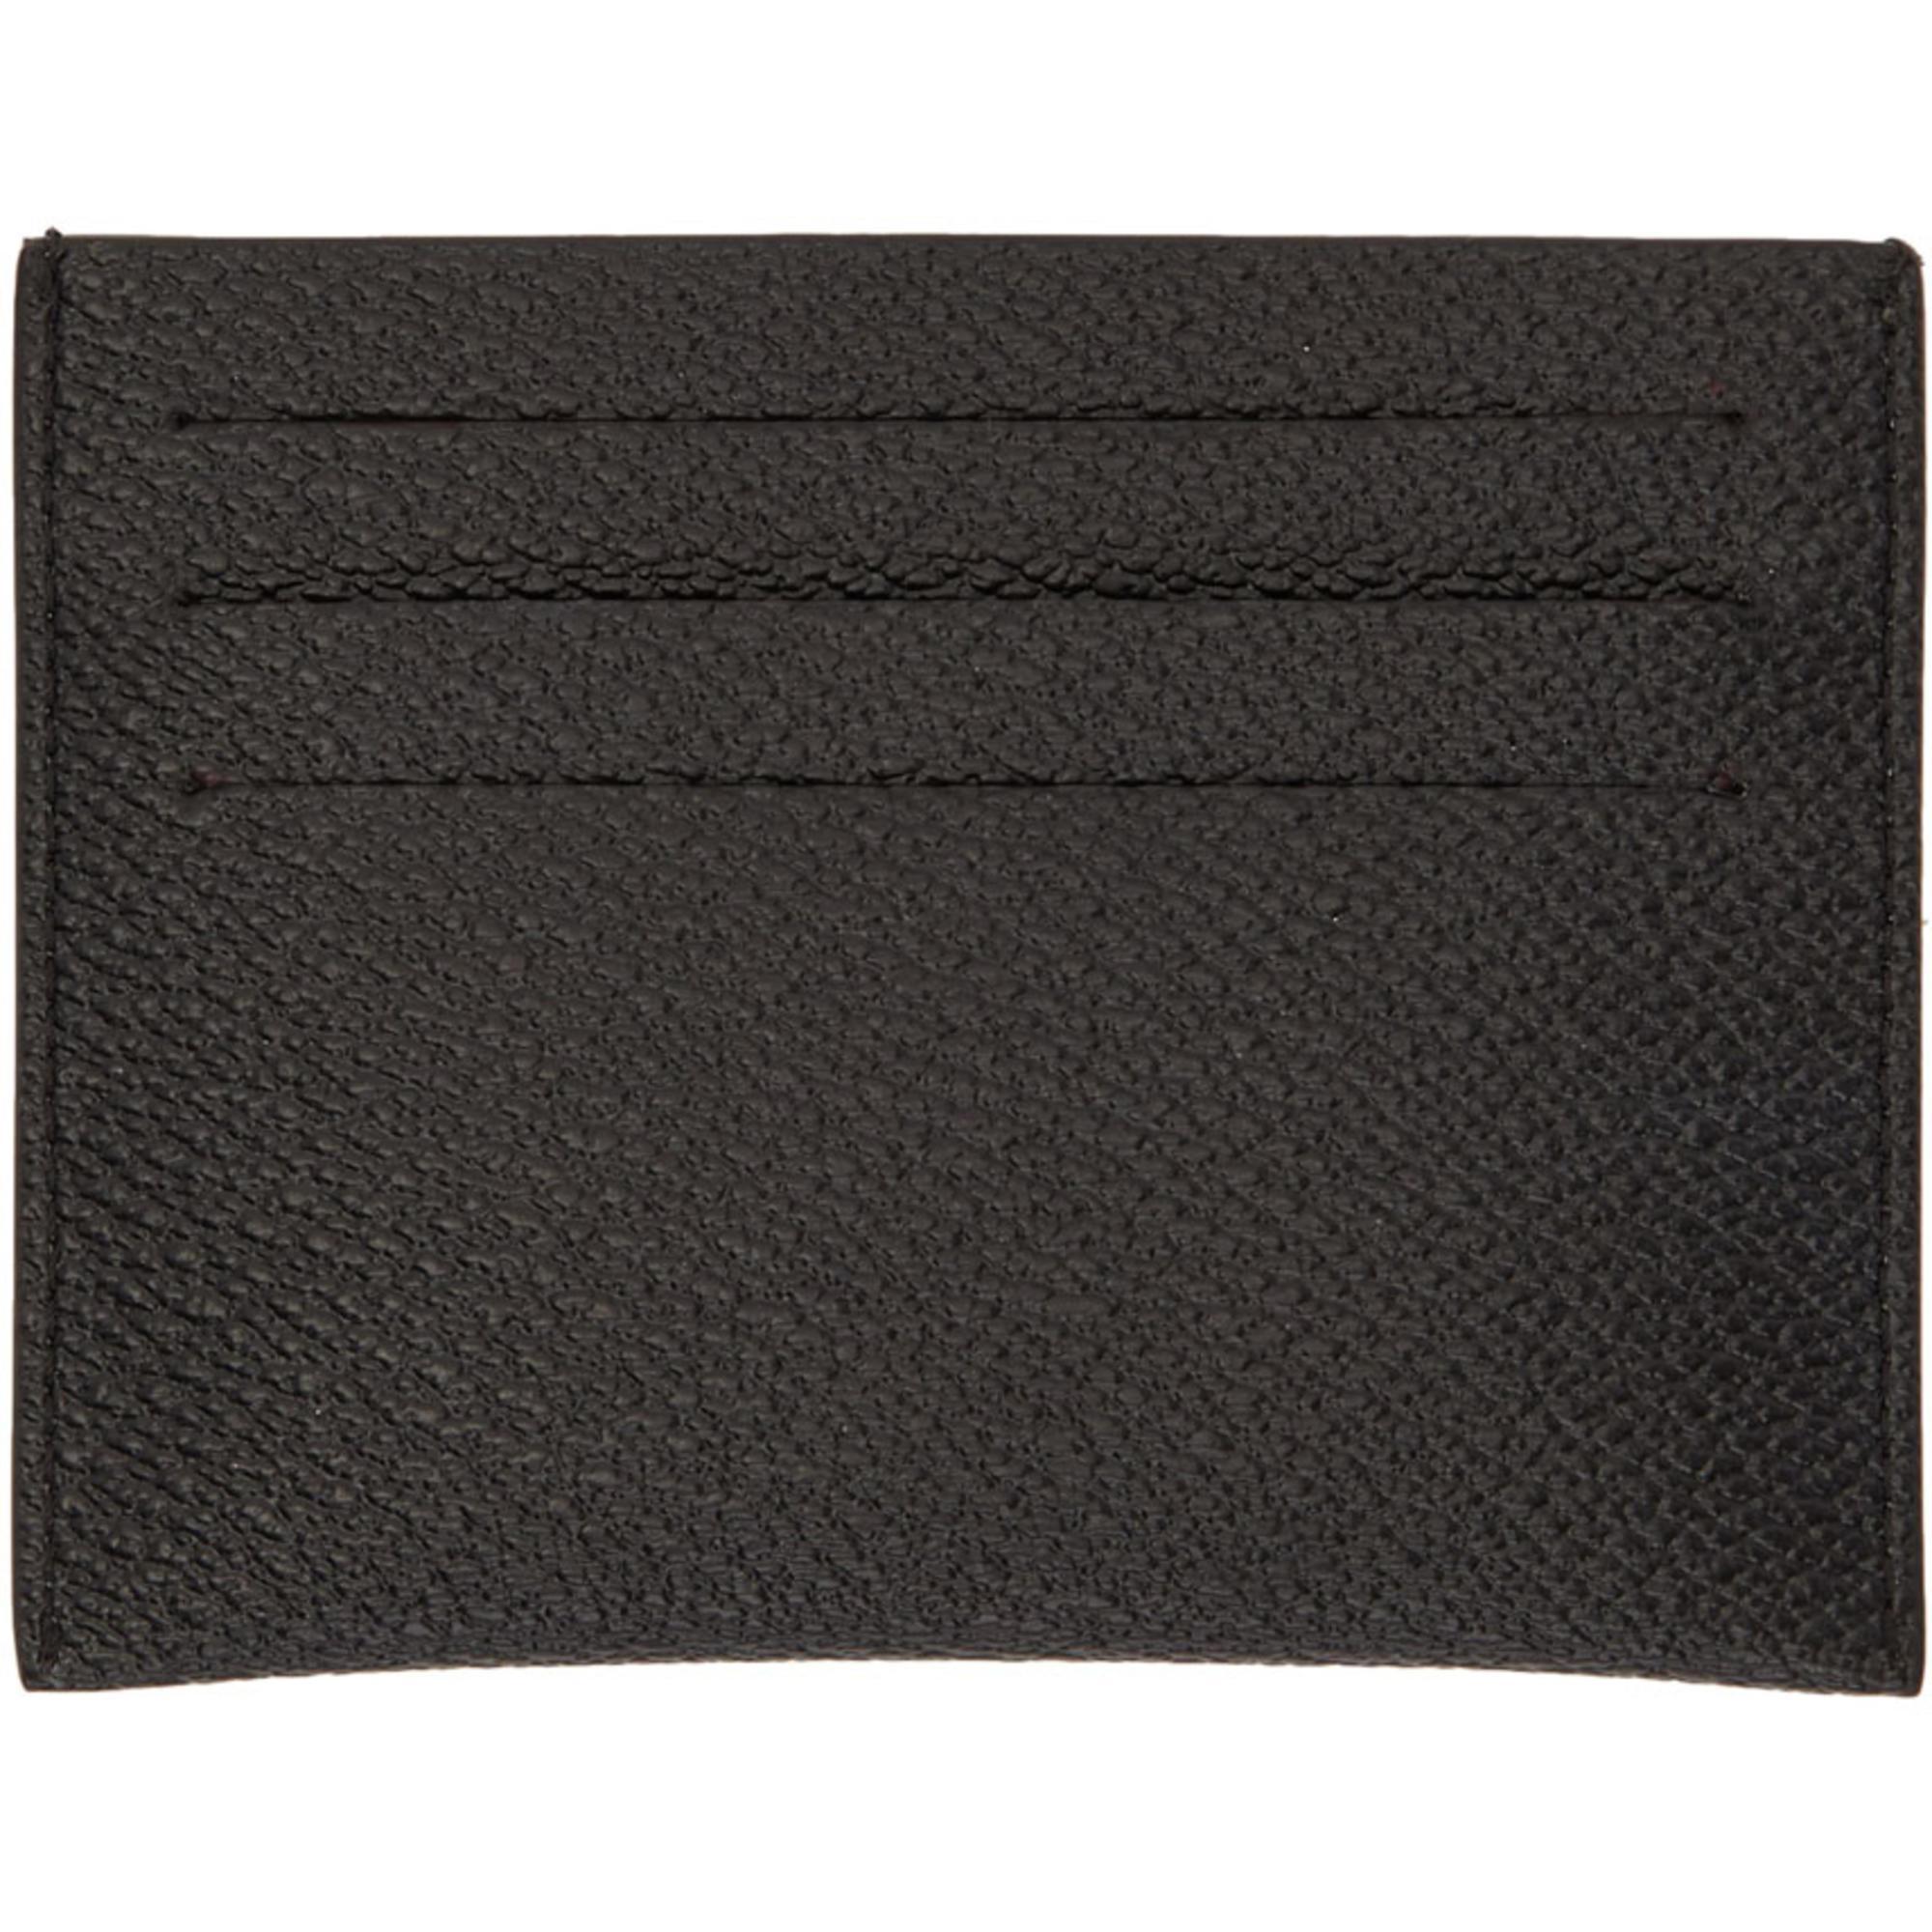 Lyst - Porte-cartes noir Shark Givenchy pour homme en coloris Noir 1f7f6bd8c18